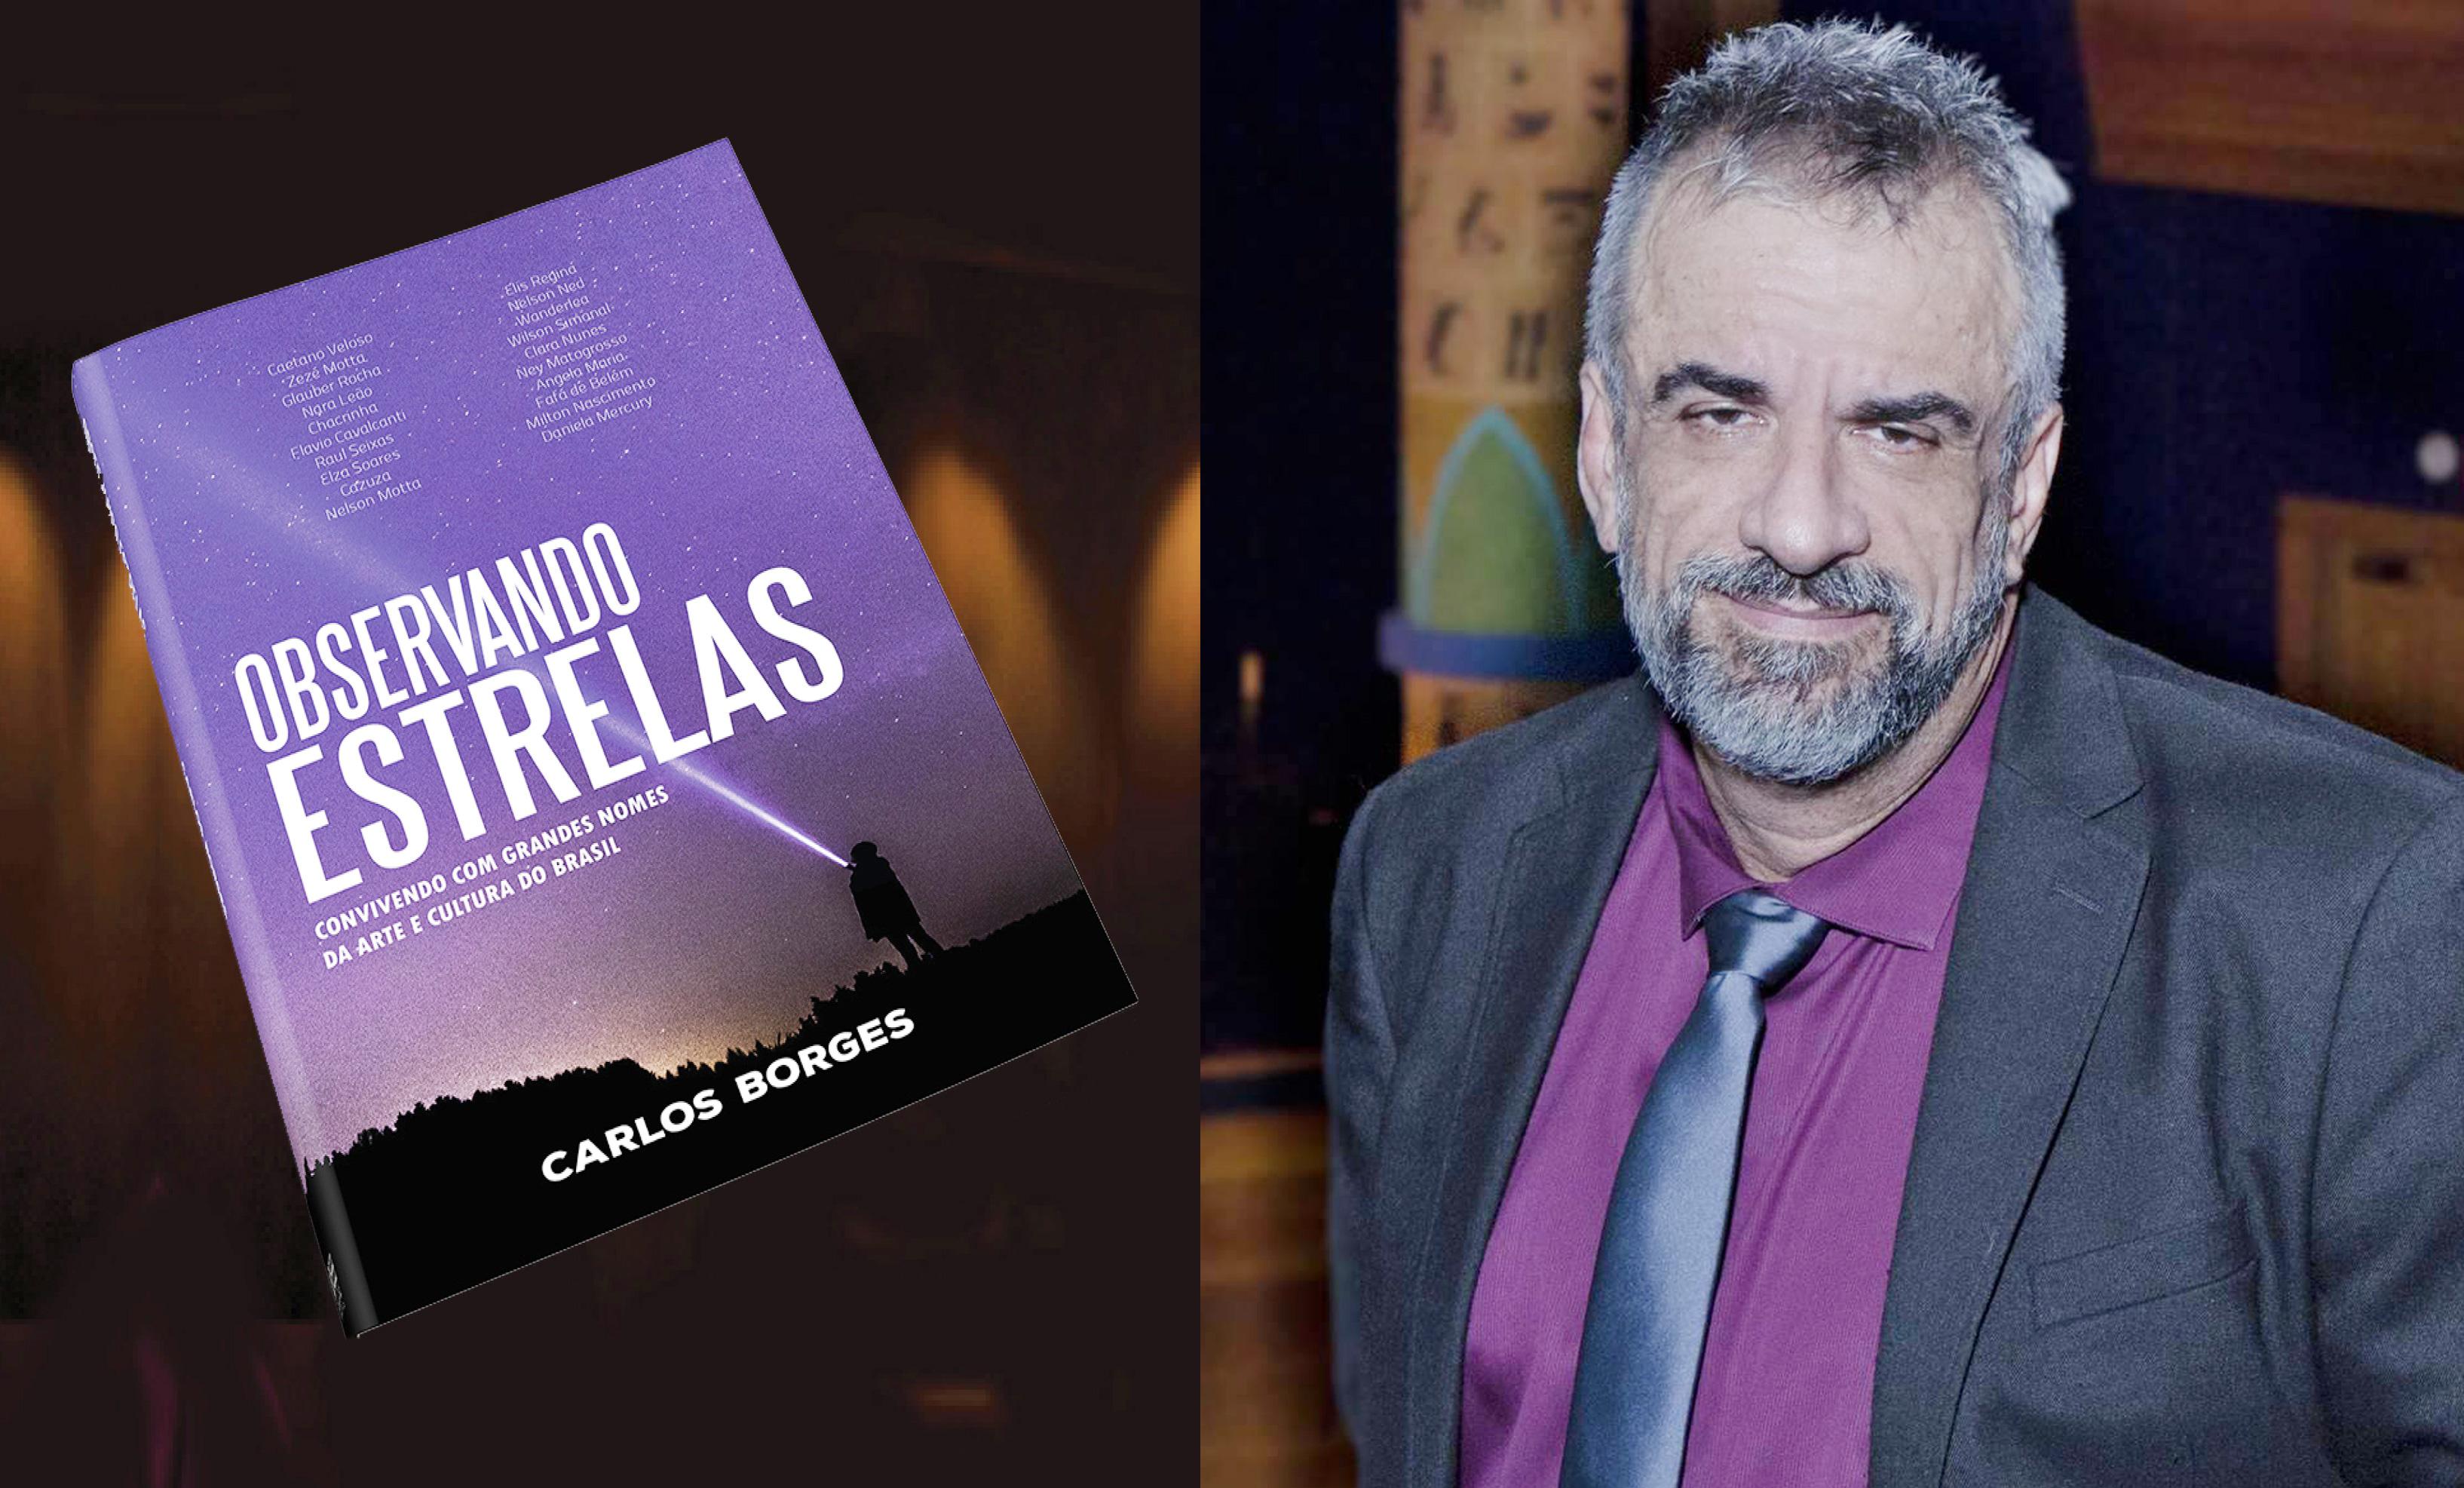 capa book cb Carlos Borges lança Observando Estrelas, uma viagem pelo coração das artes brasileiras nos últimos 40 anos